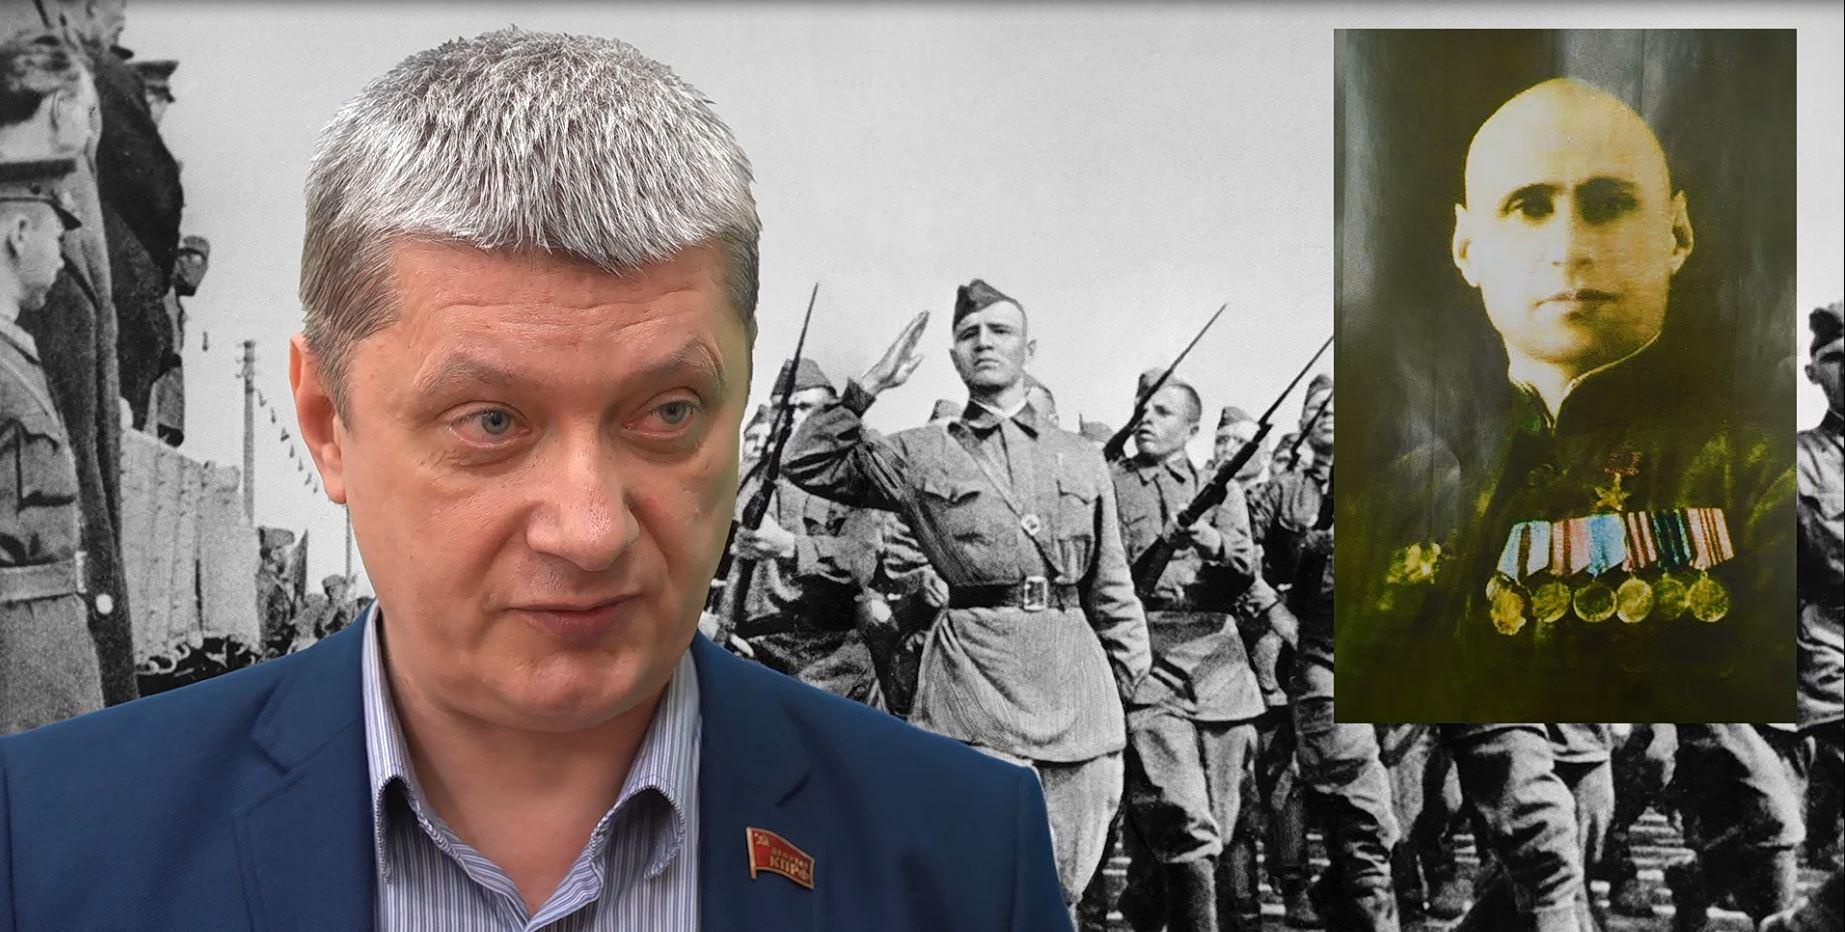 Депутат КПРФ Алексей Филиппов рассказывает о своем дедушке — Герое Советского Союза